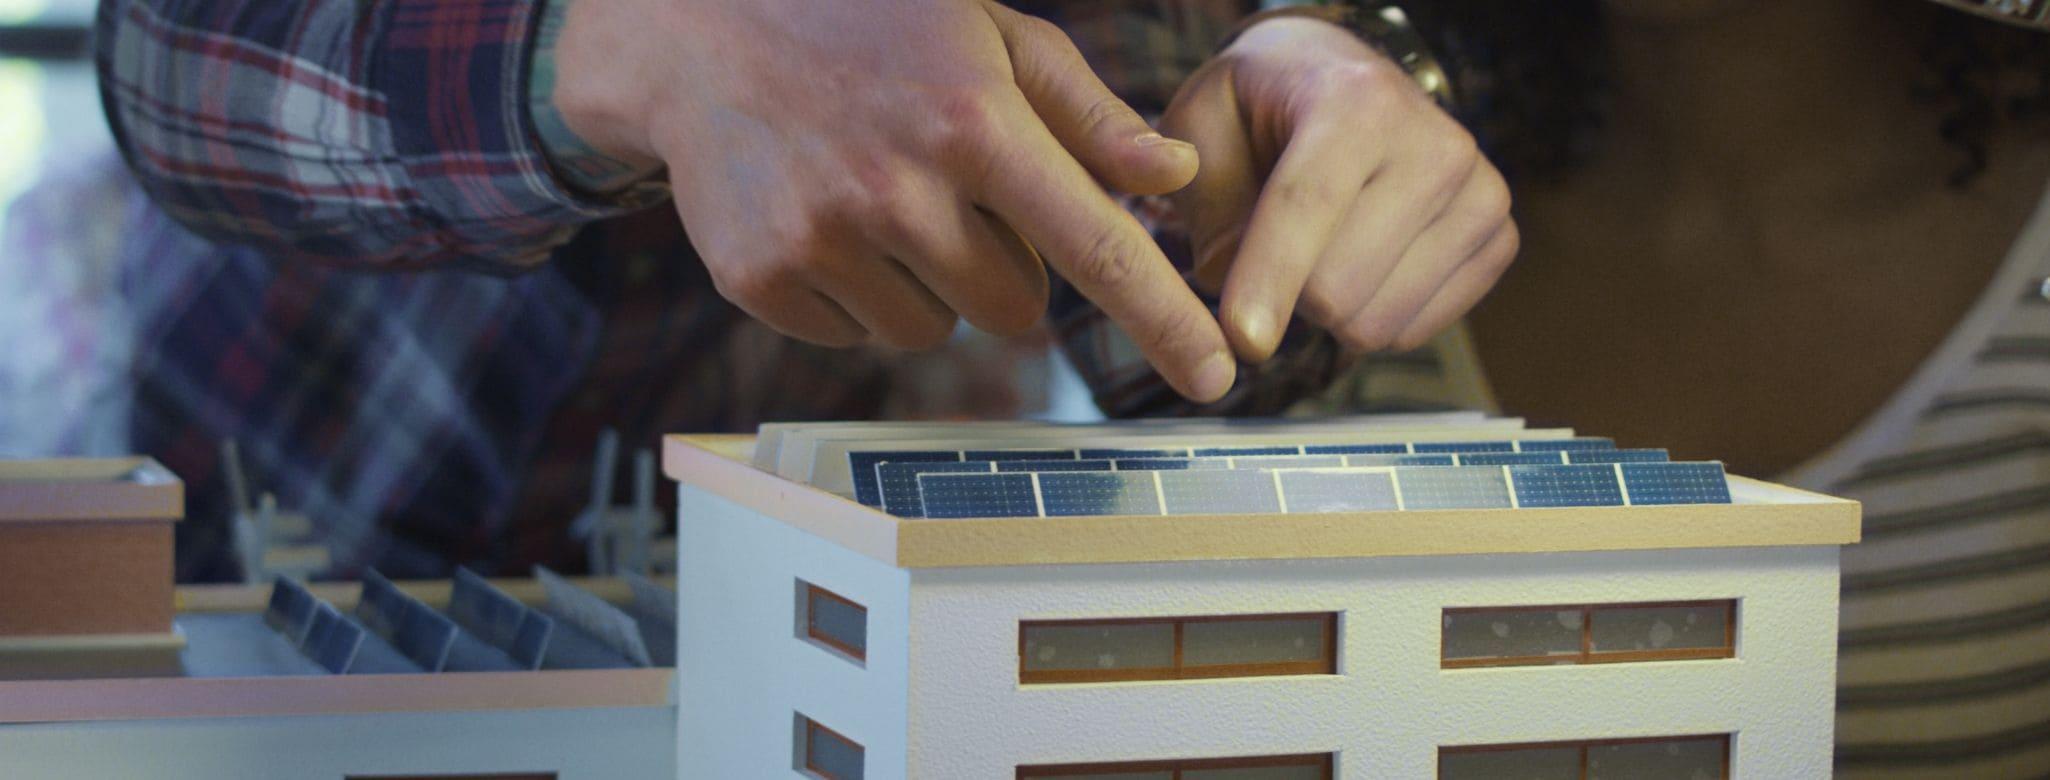 fonctionnement-meilleur-panneau-solaire